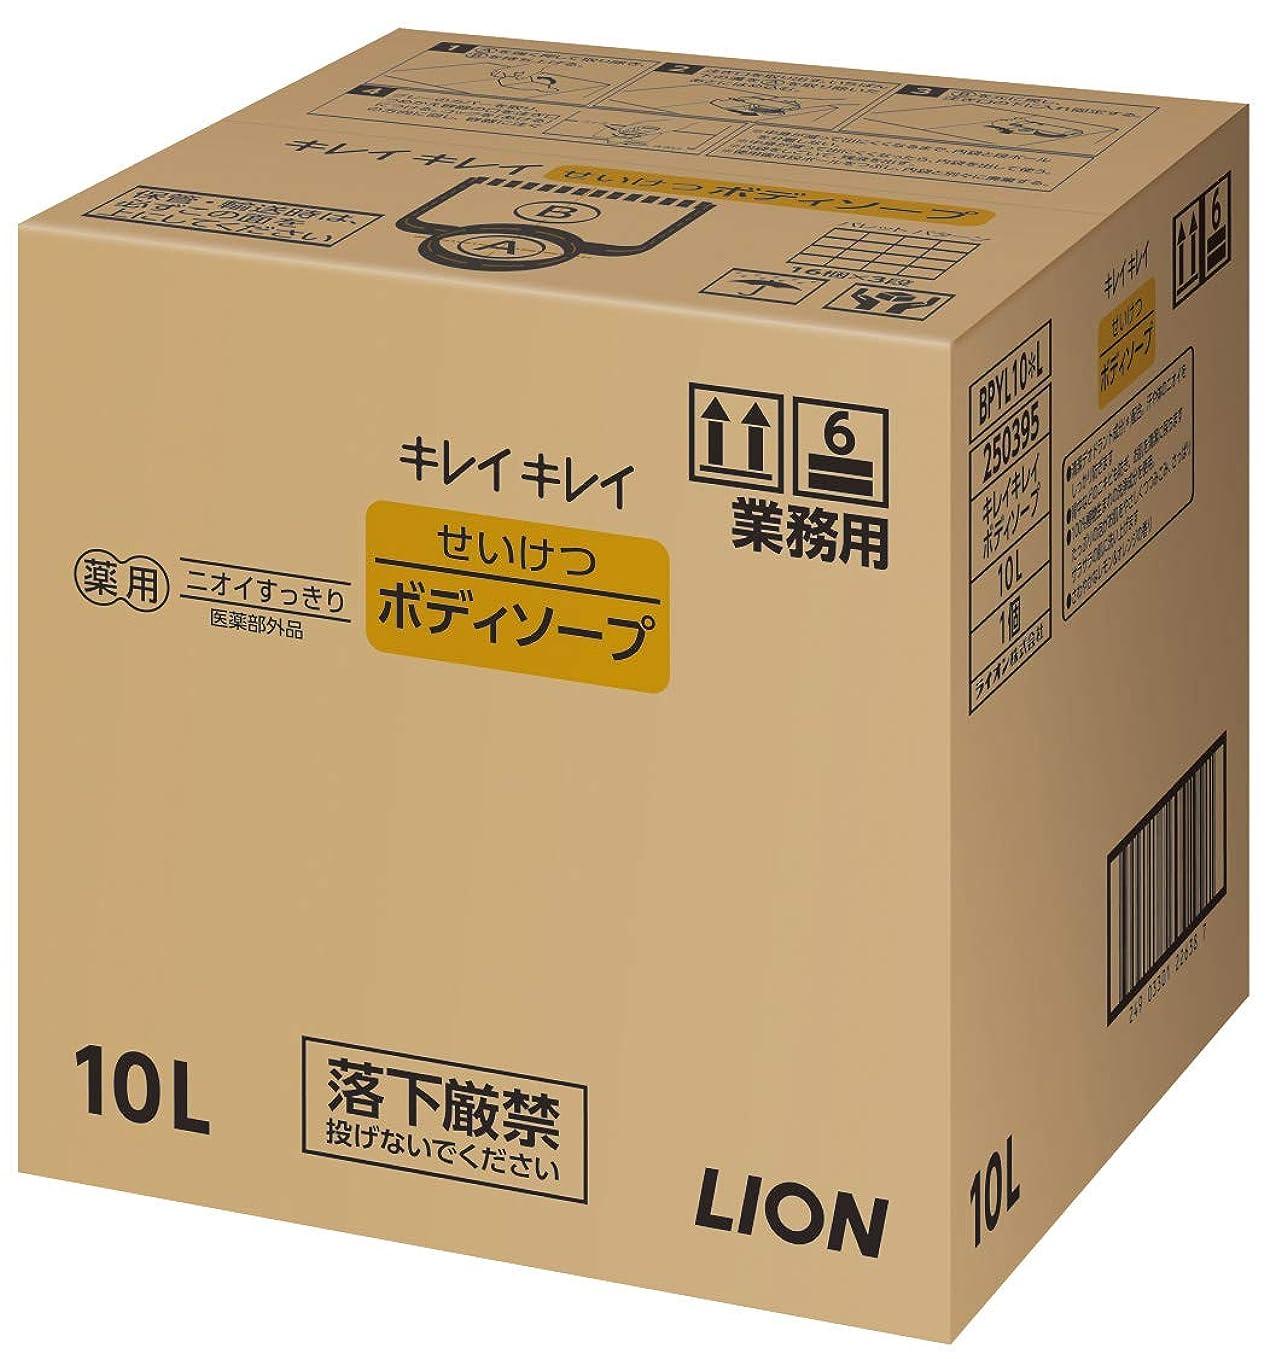 意図する整然とした安全でないキレイキレイ せいけつボディソープ さわやかなレモン&オレンジの香り 業務用 10L